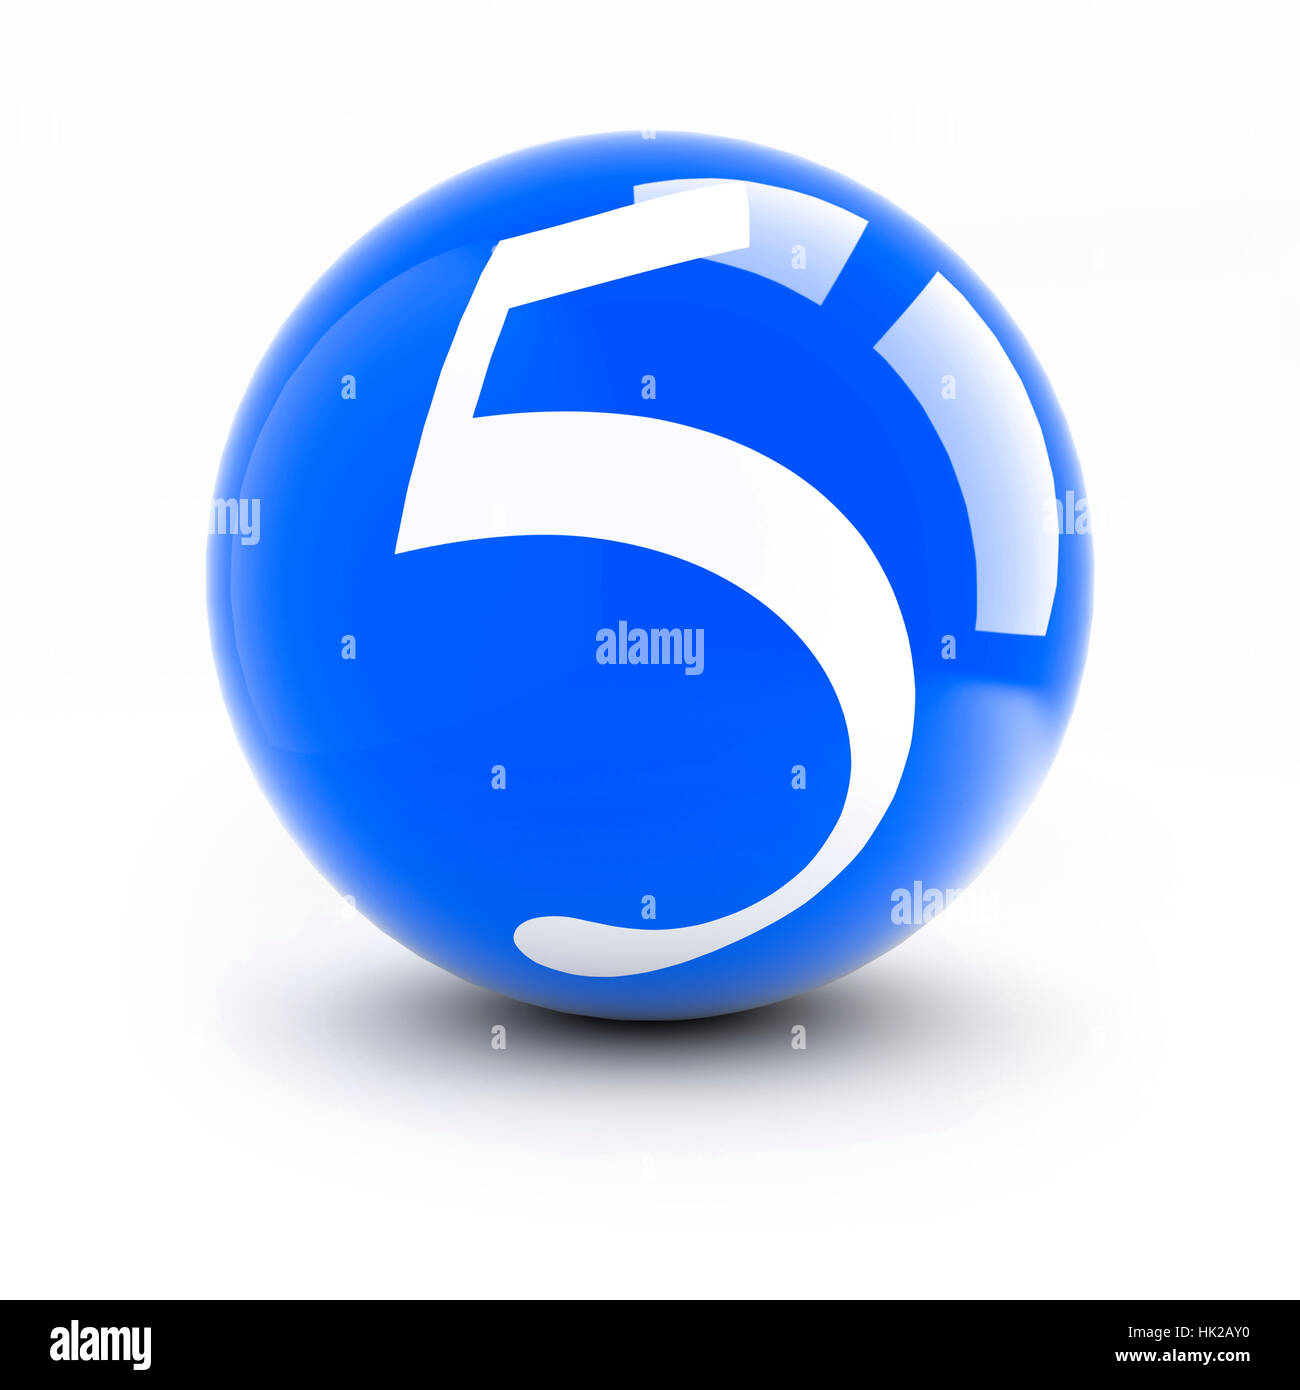 Número 5 en una bolas de color rojo brillante con reflejos aislado en blanco.  Imagen 059f25fc7a504